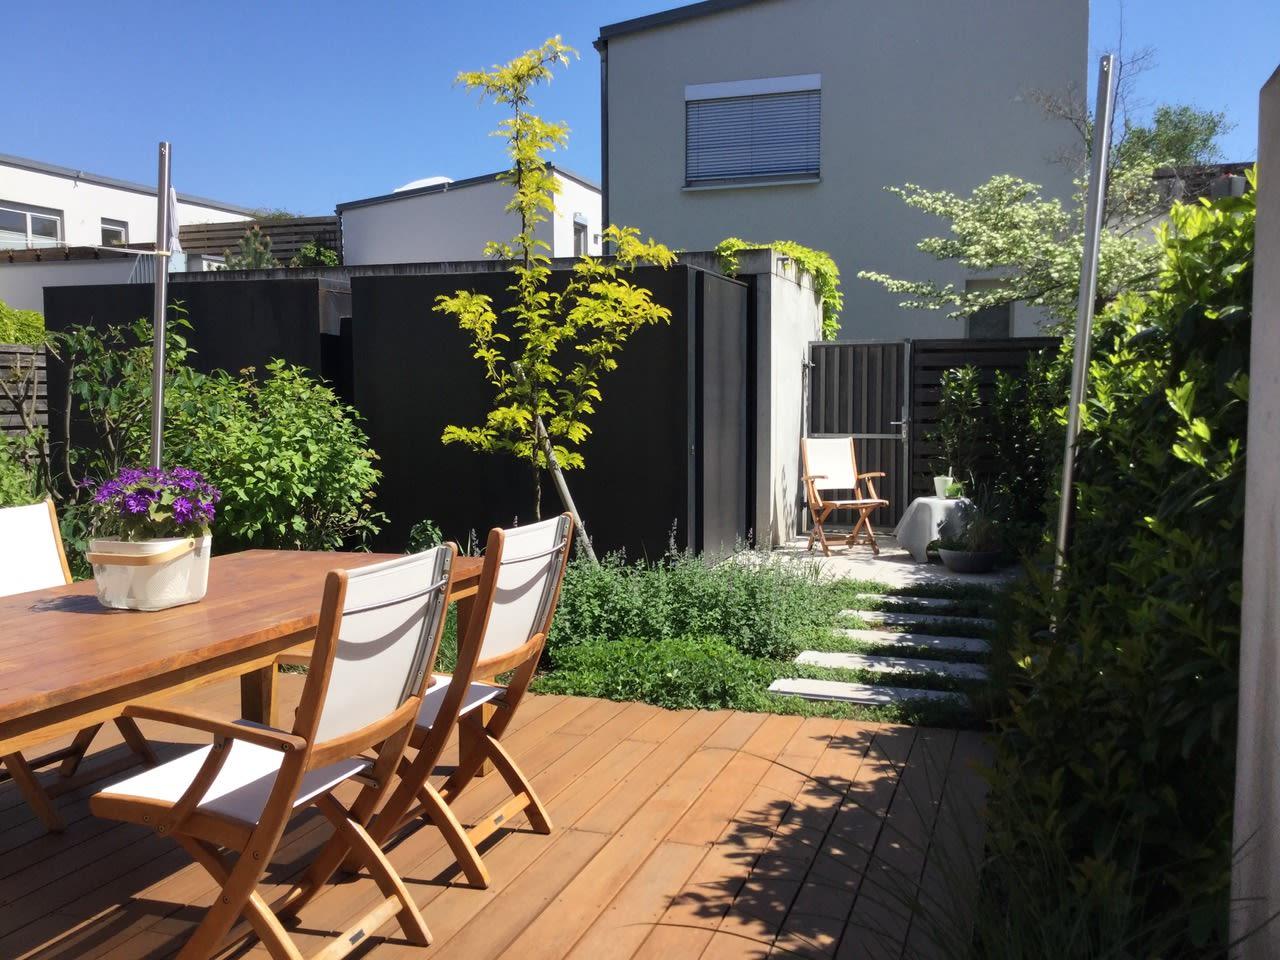 Garten mit Holzterrasse und Stühlen und Tischen Sicht auf Haus